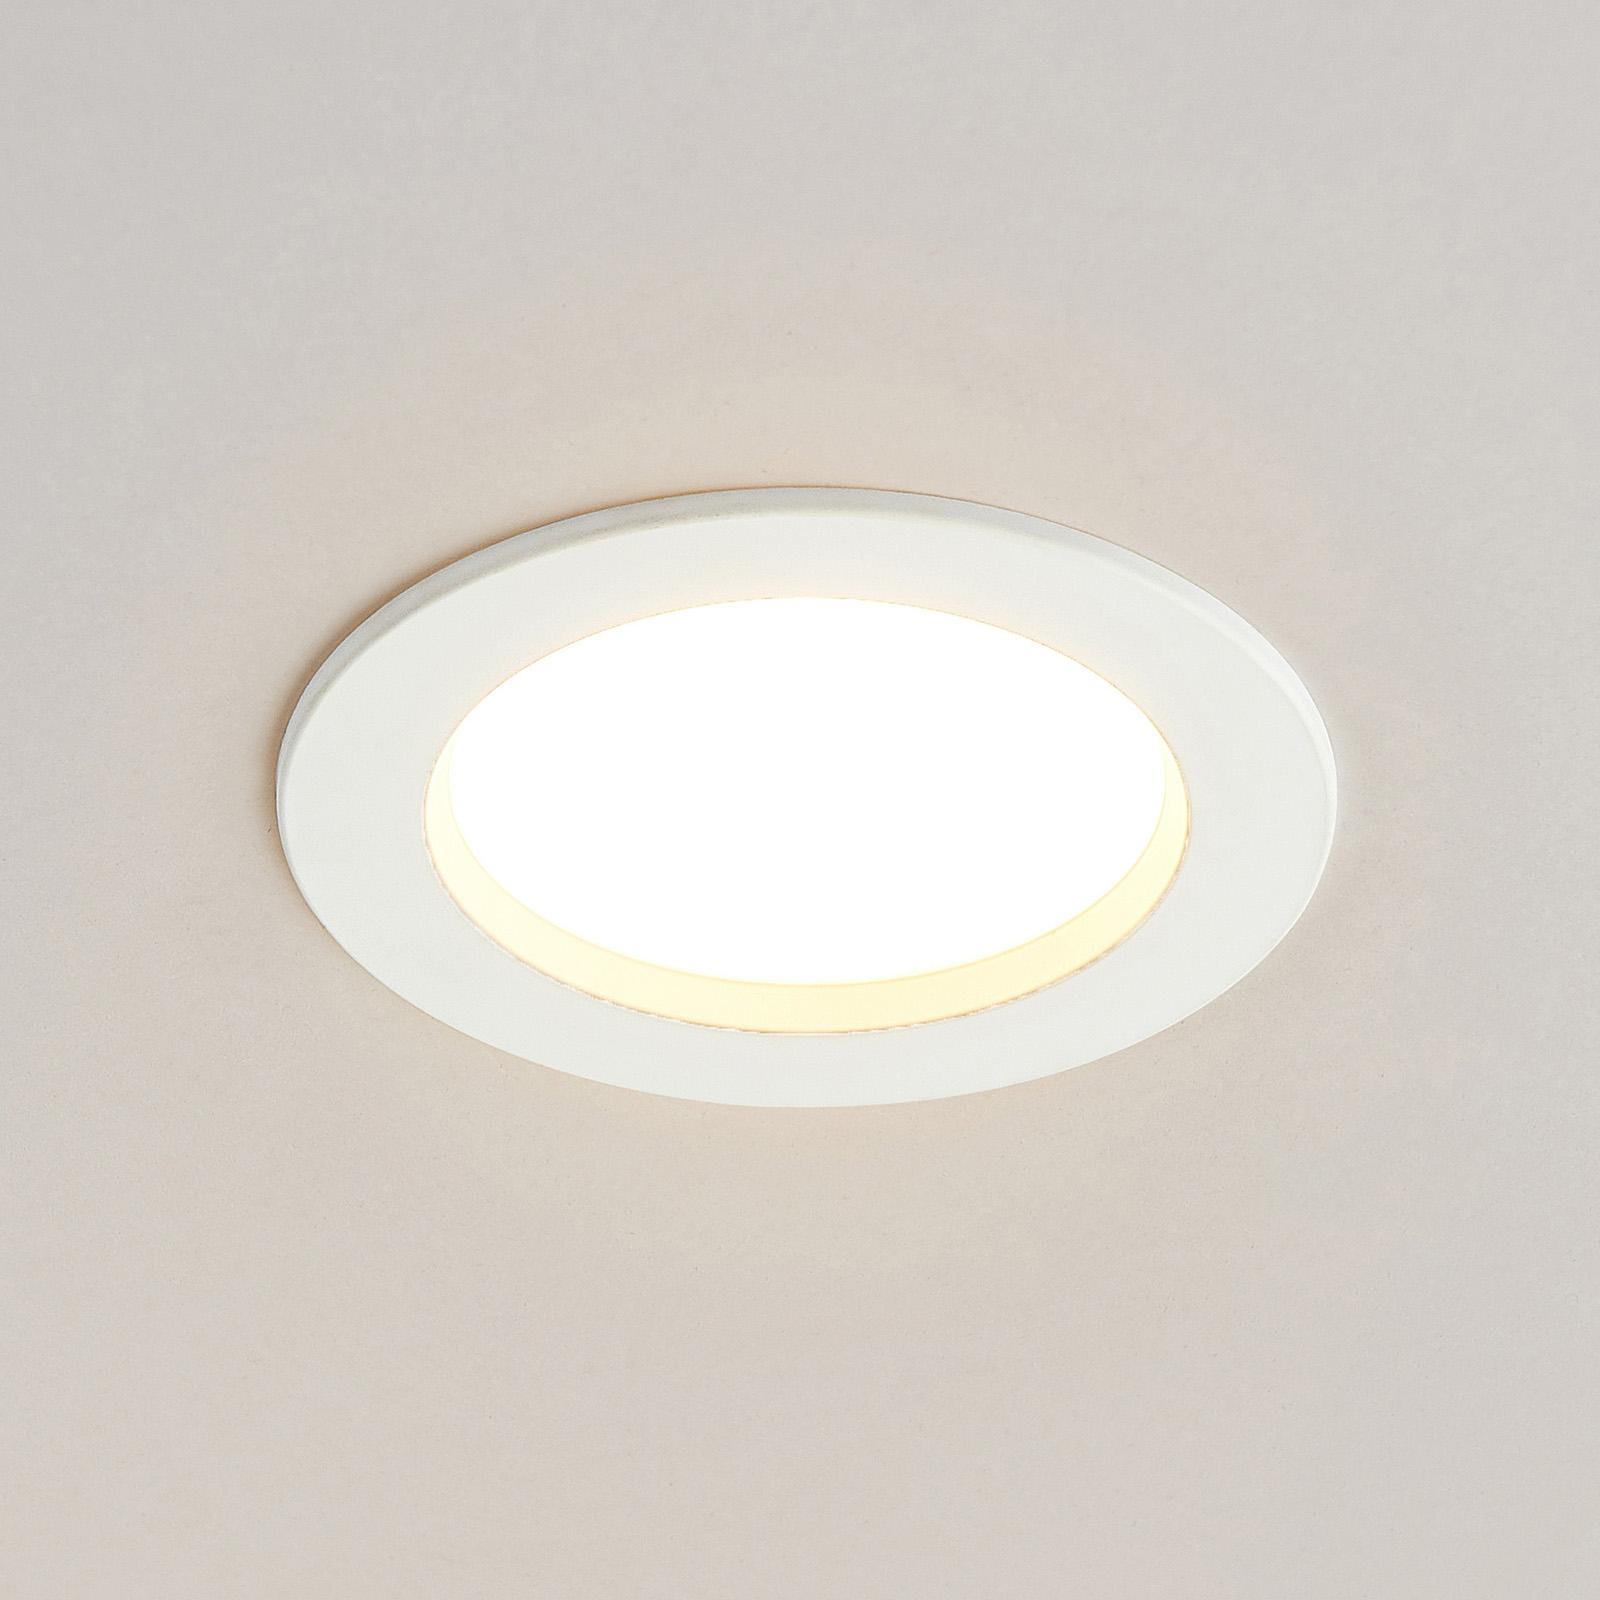 Arcchio Milaine LED-Einbauleuchte, weiß, dimmbar